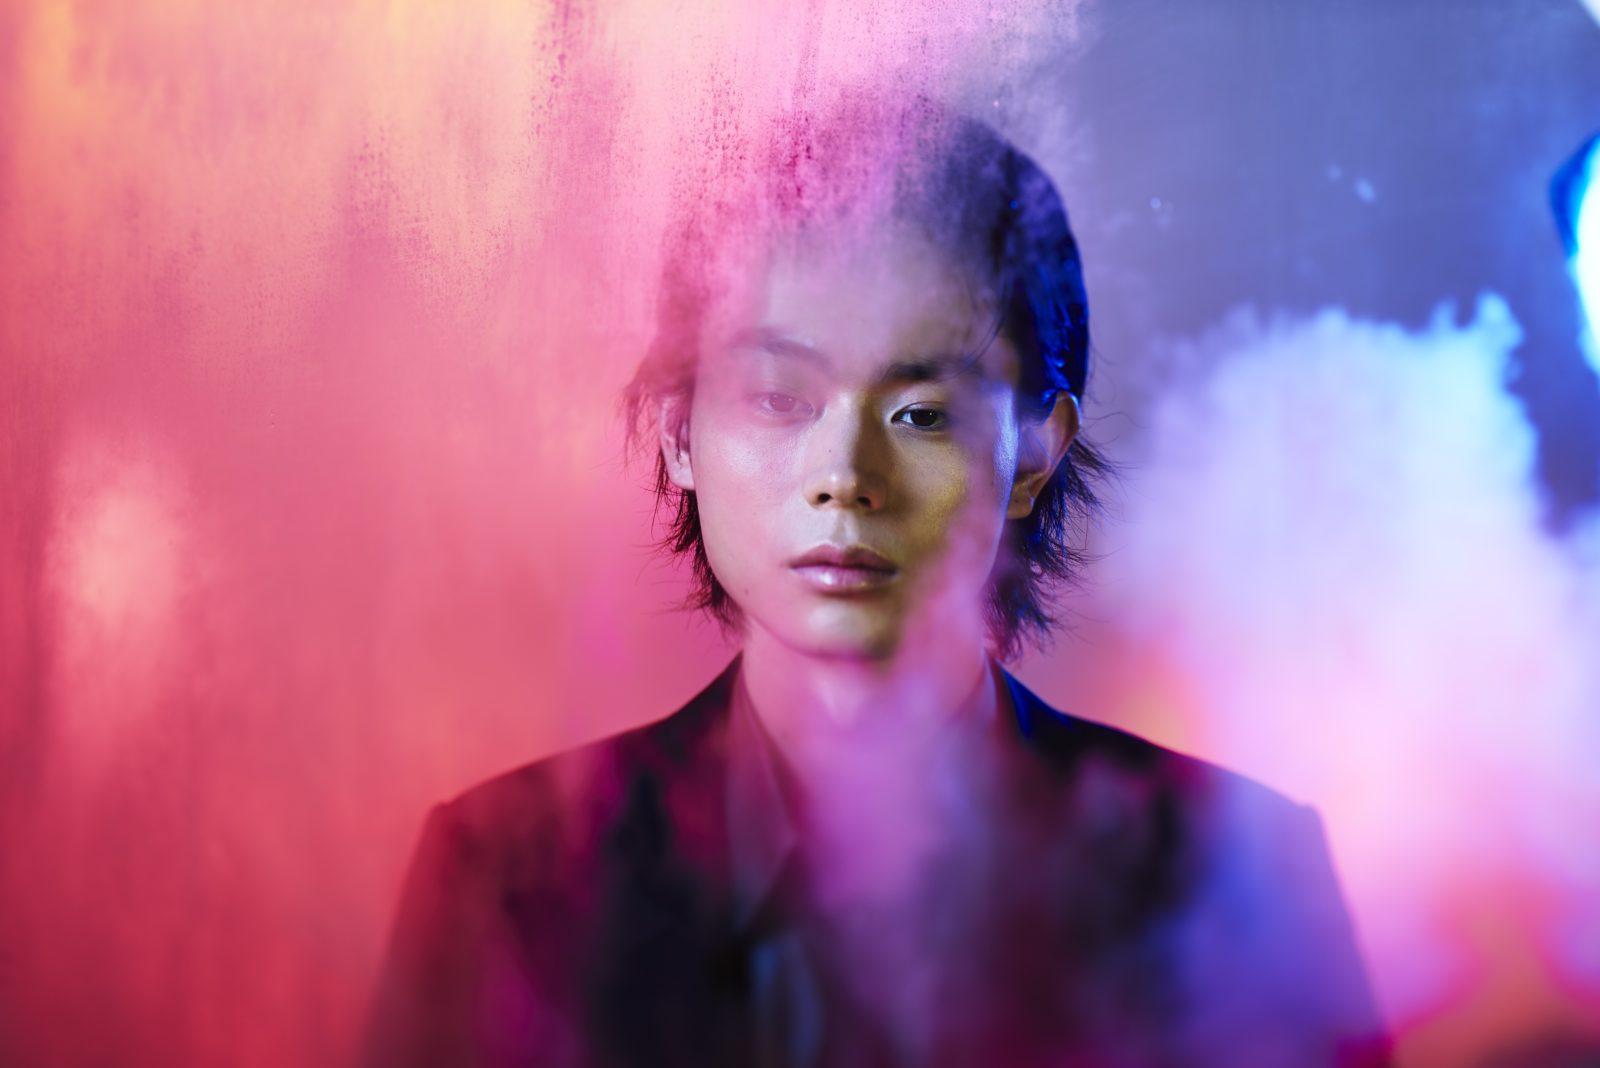 菅田将暉、ラジオで放った一言にネットが騒然「8年ぶりの」「スーパー胸アツ」サムネイル画像